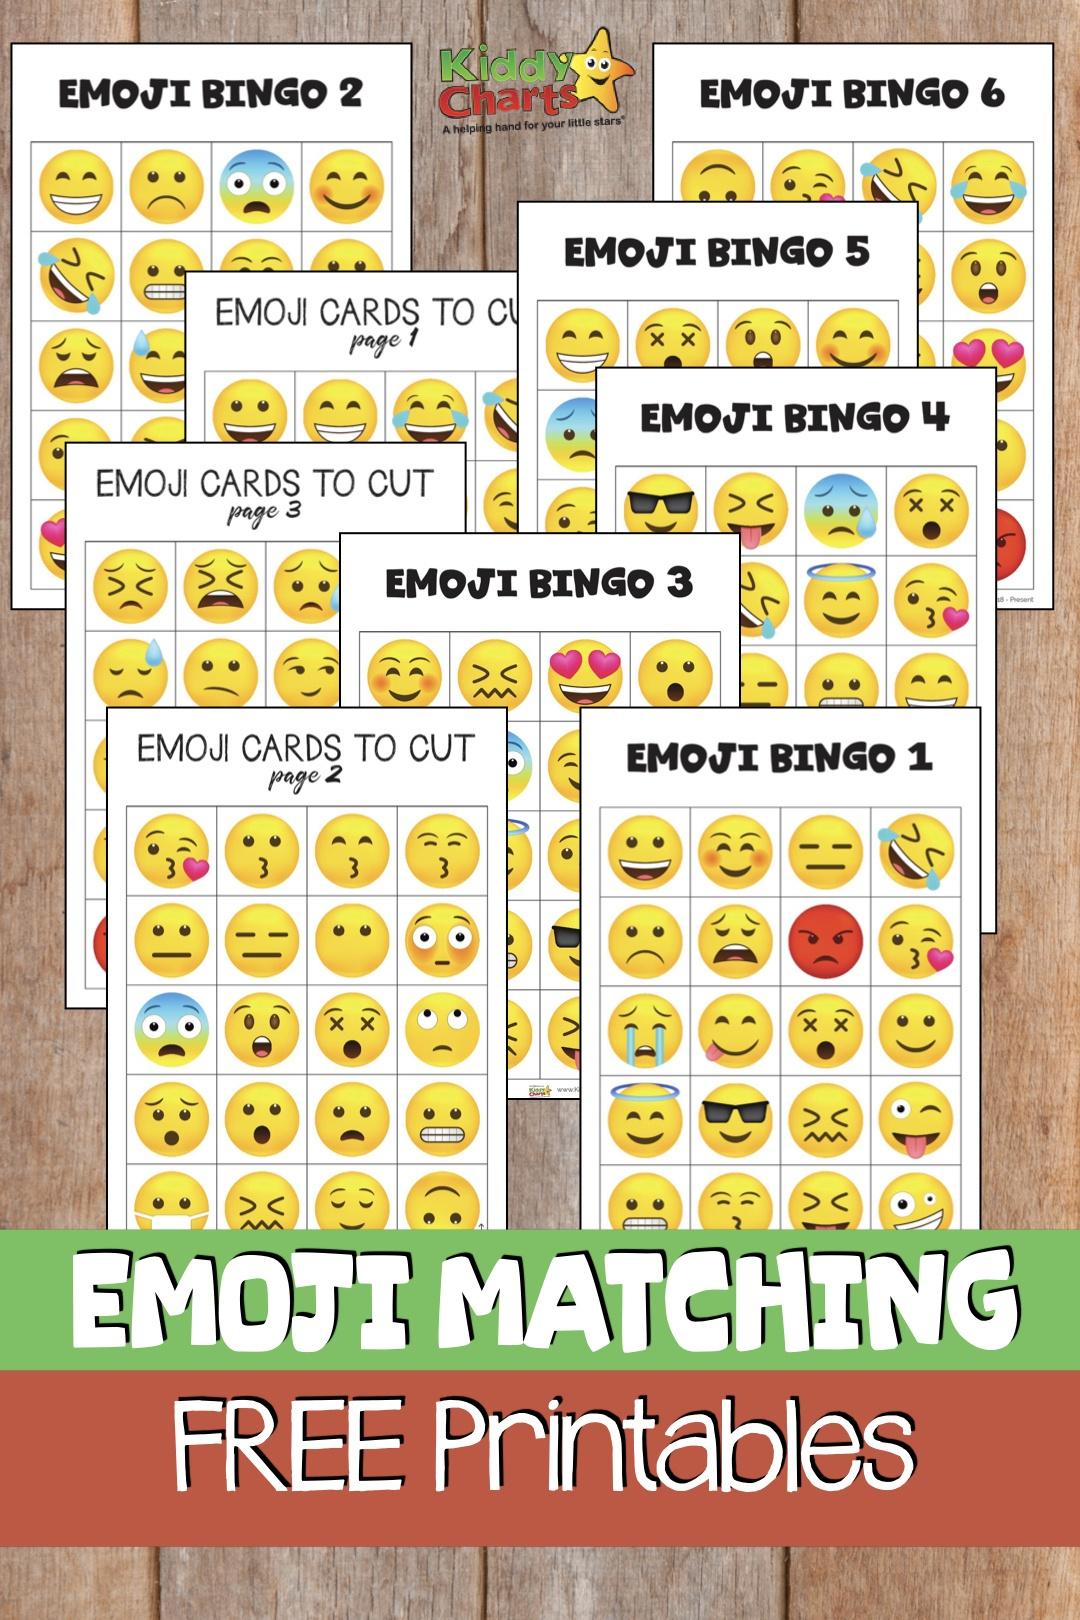 Free Emoji Bingo Game For Kids - Free Emoji Bingo Printable